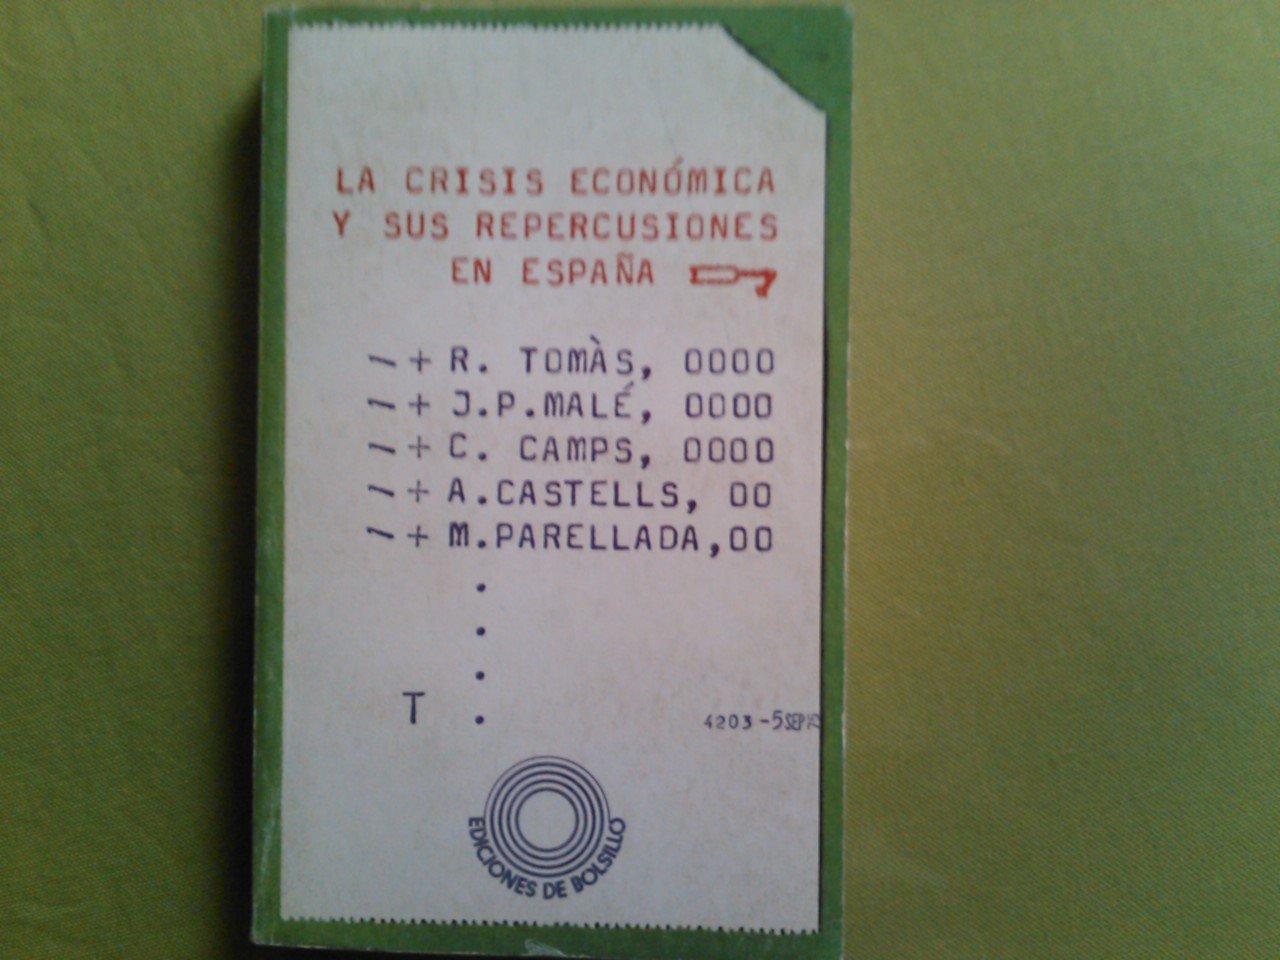 Crisis económica y sus repercusiones en España, la: Amazon.es: CAMPS I GARCÍA, Carles, J. P. MALÉ y R. TOMÁS.-: Libros